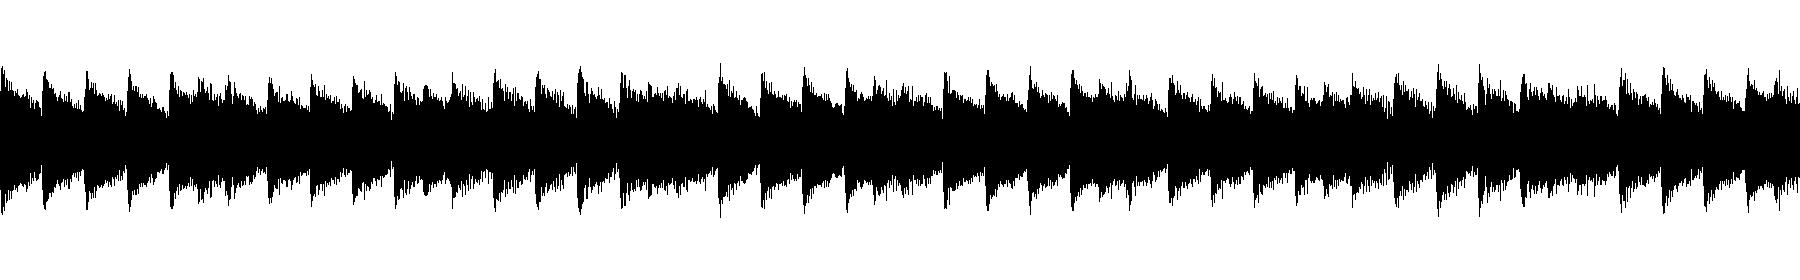 chord backing